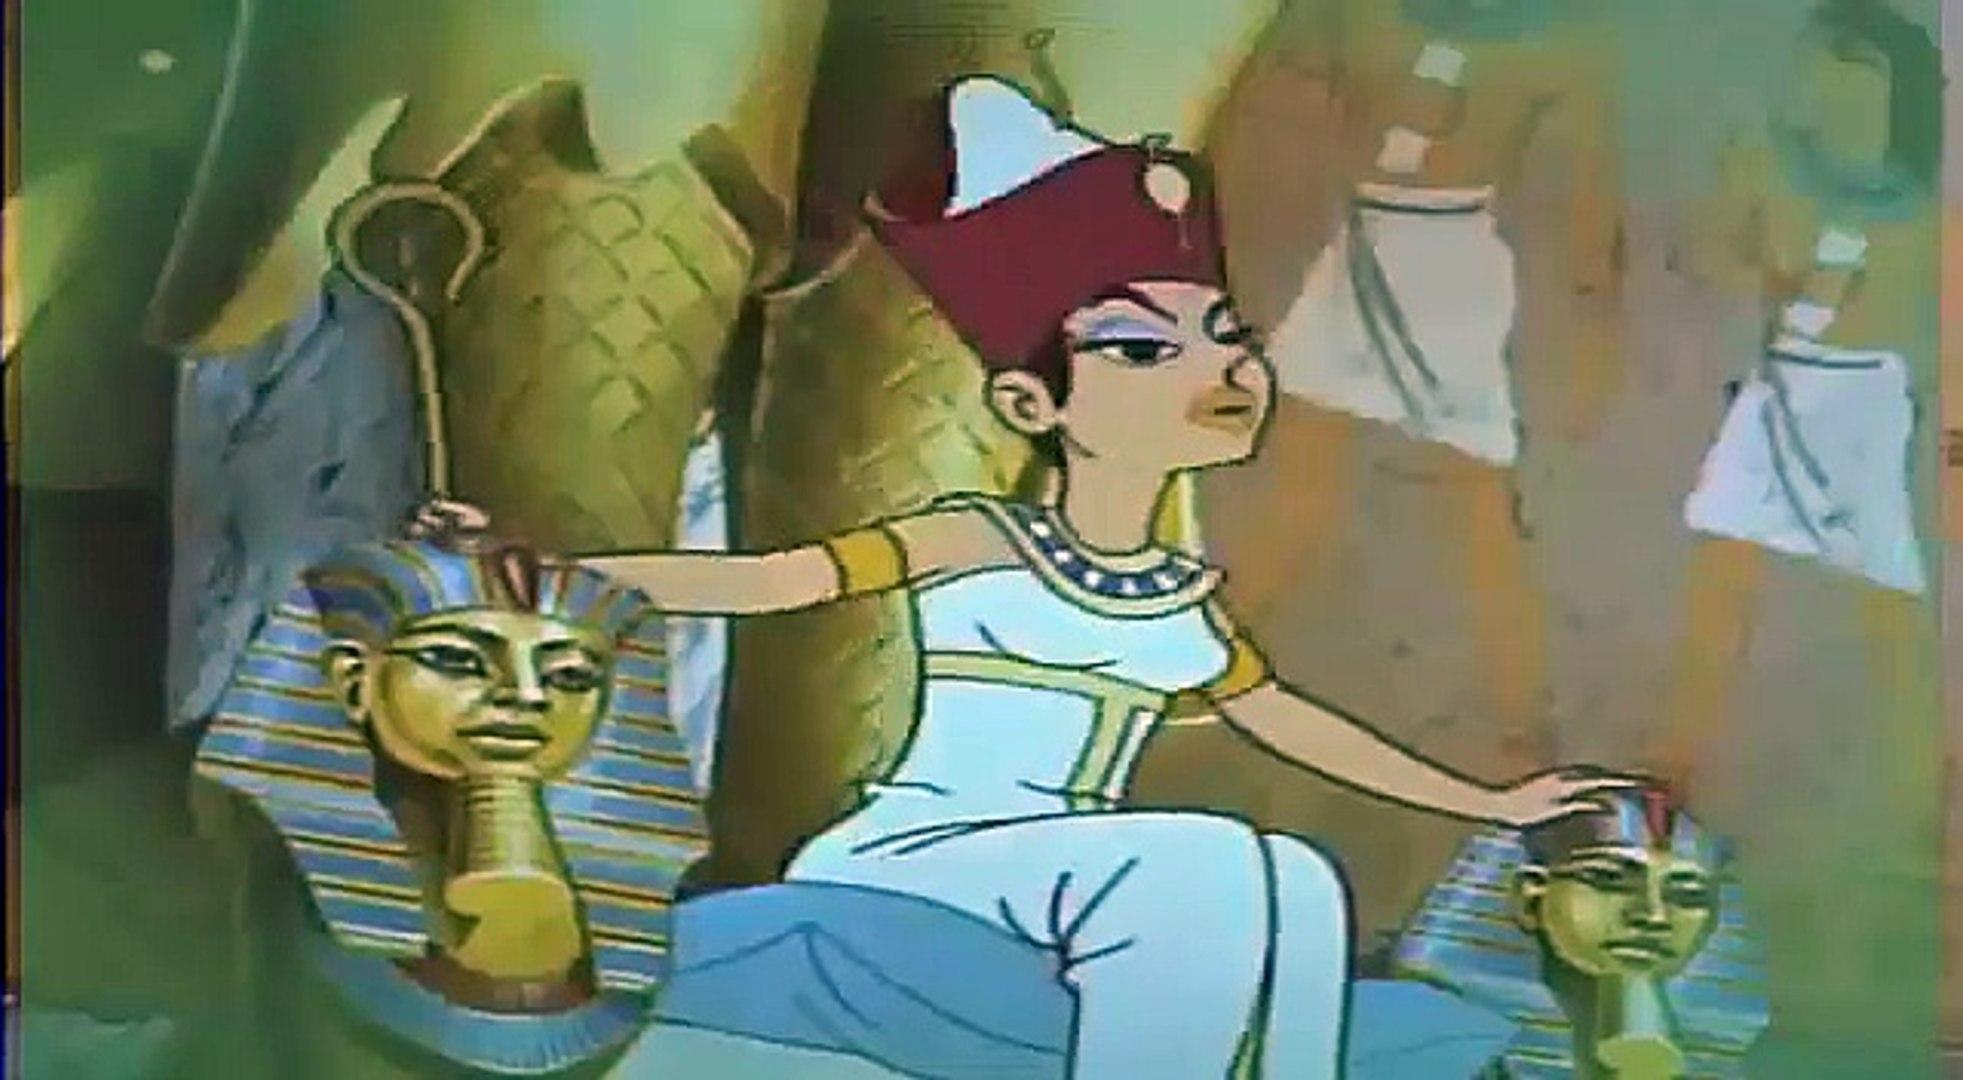 Asterix Et Cleopatre Dessin Anime Complet En Francais Video